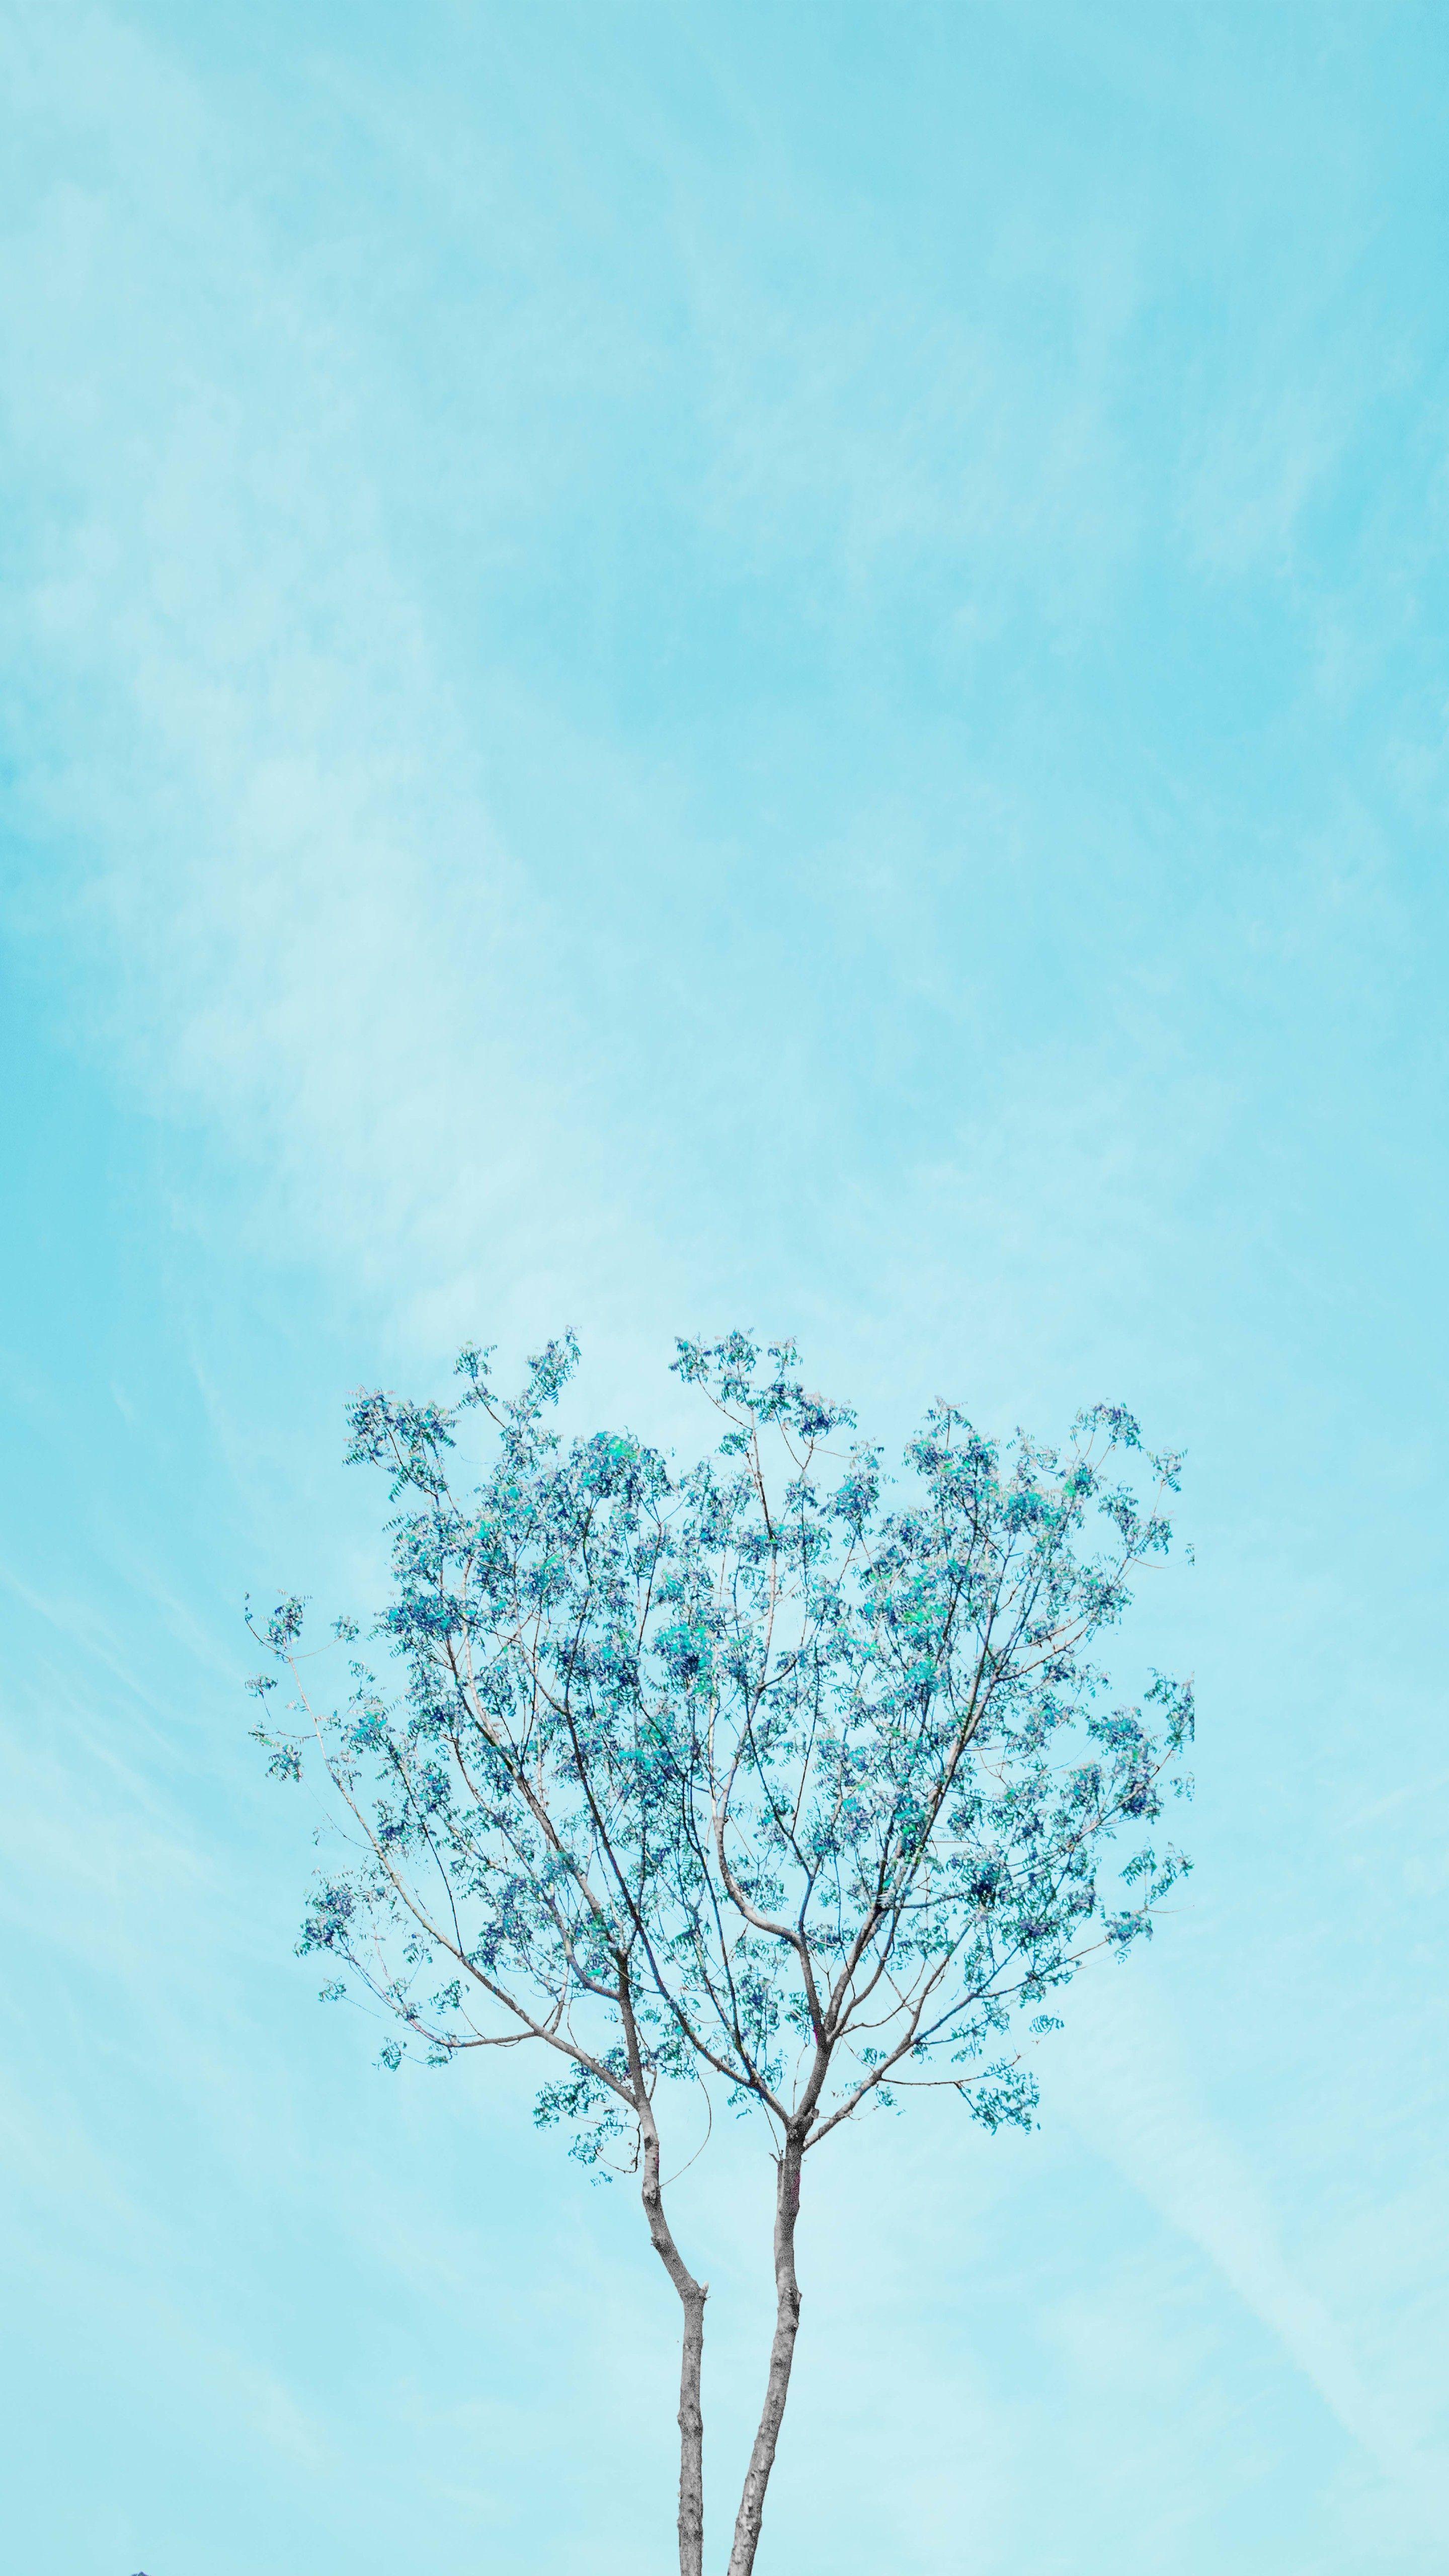 Pacific foliage Fundos de primavera, Estética azul